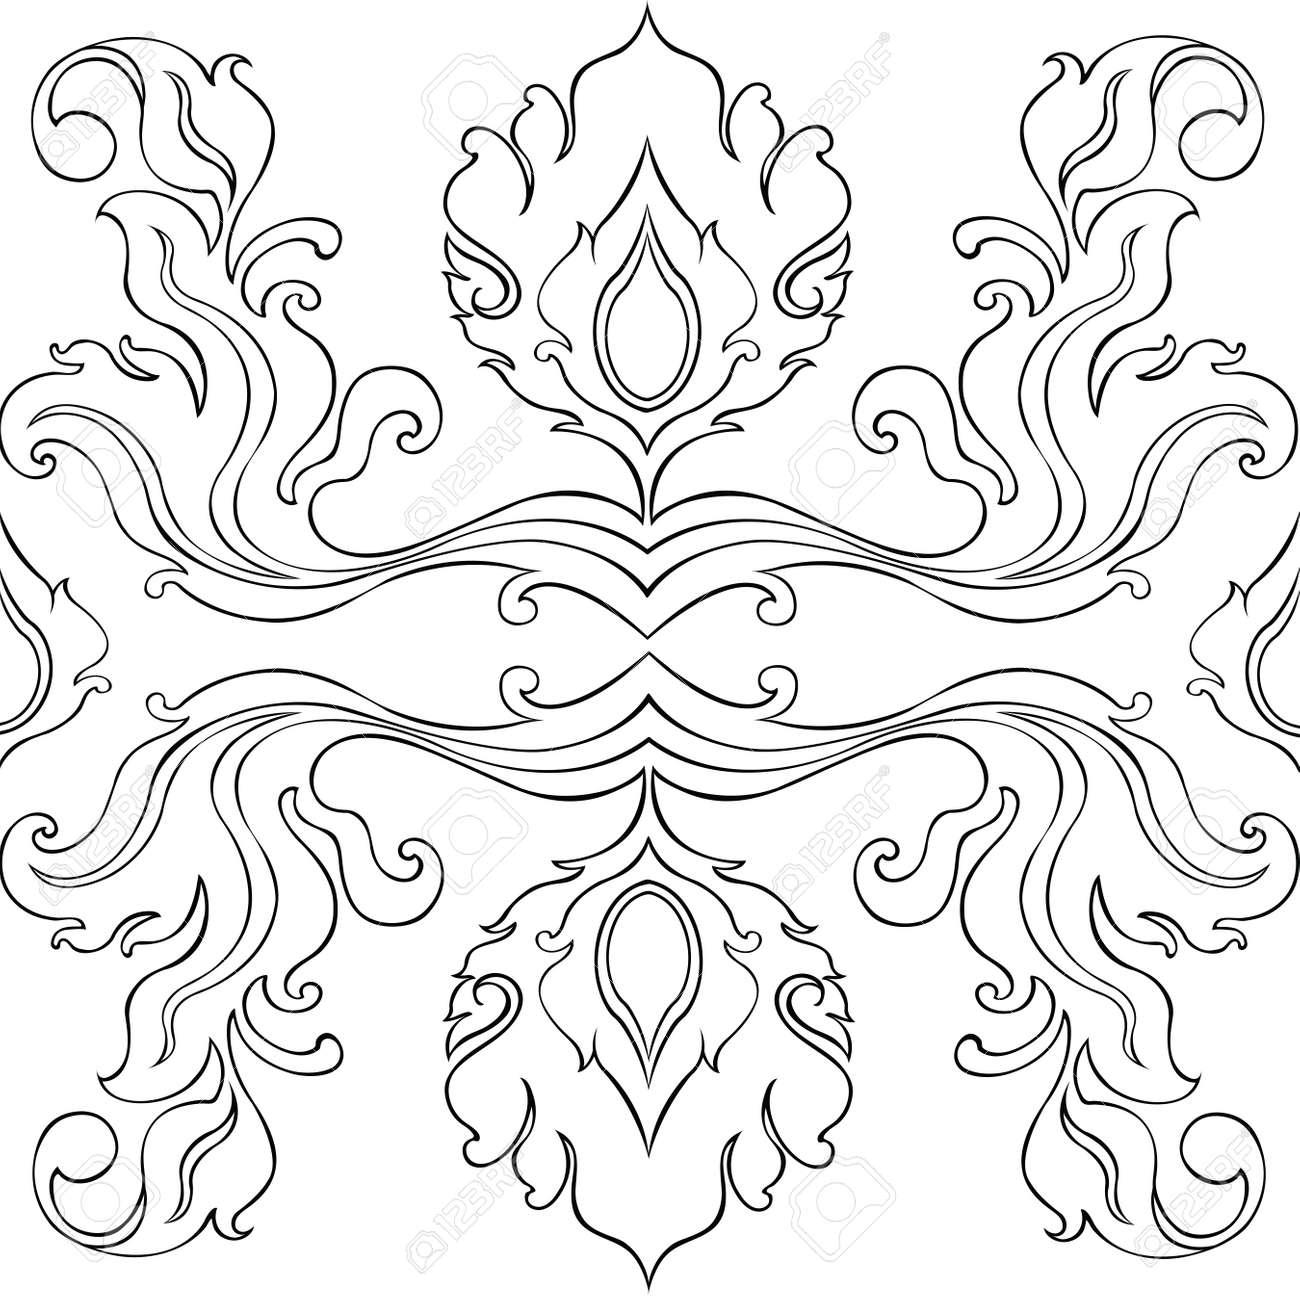 Flores Patrón Y Dejar Diseño Gráfico Línea Arte Tailandés De Dibujo ...